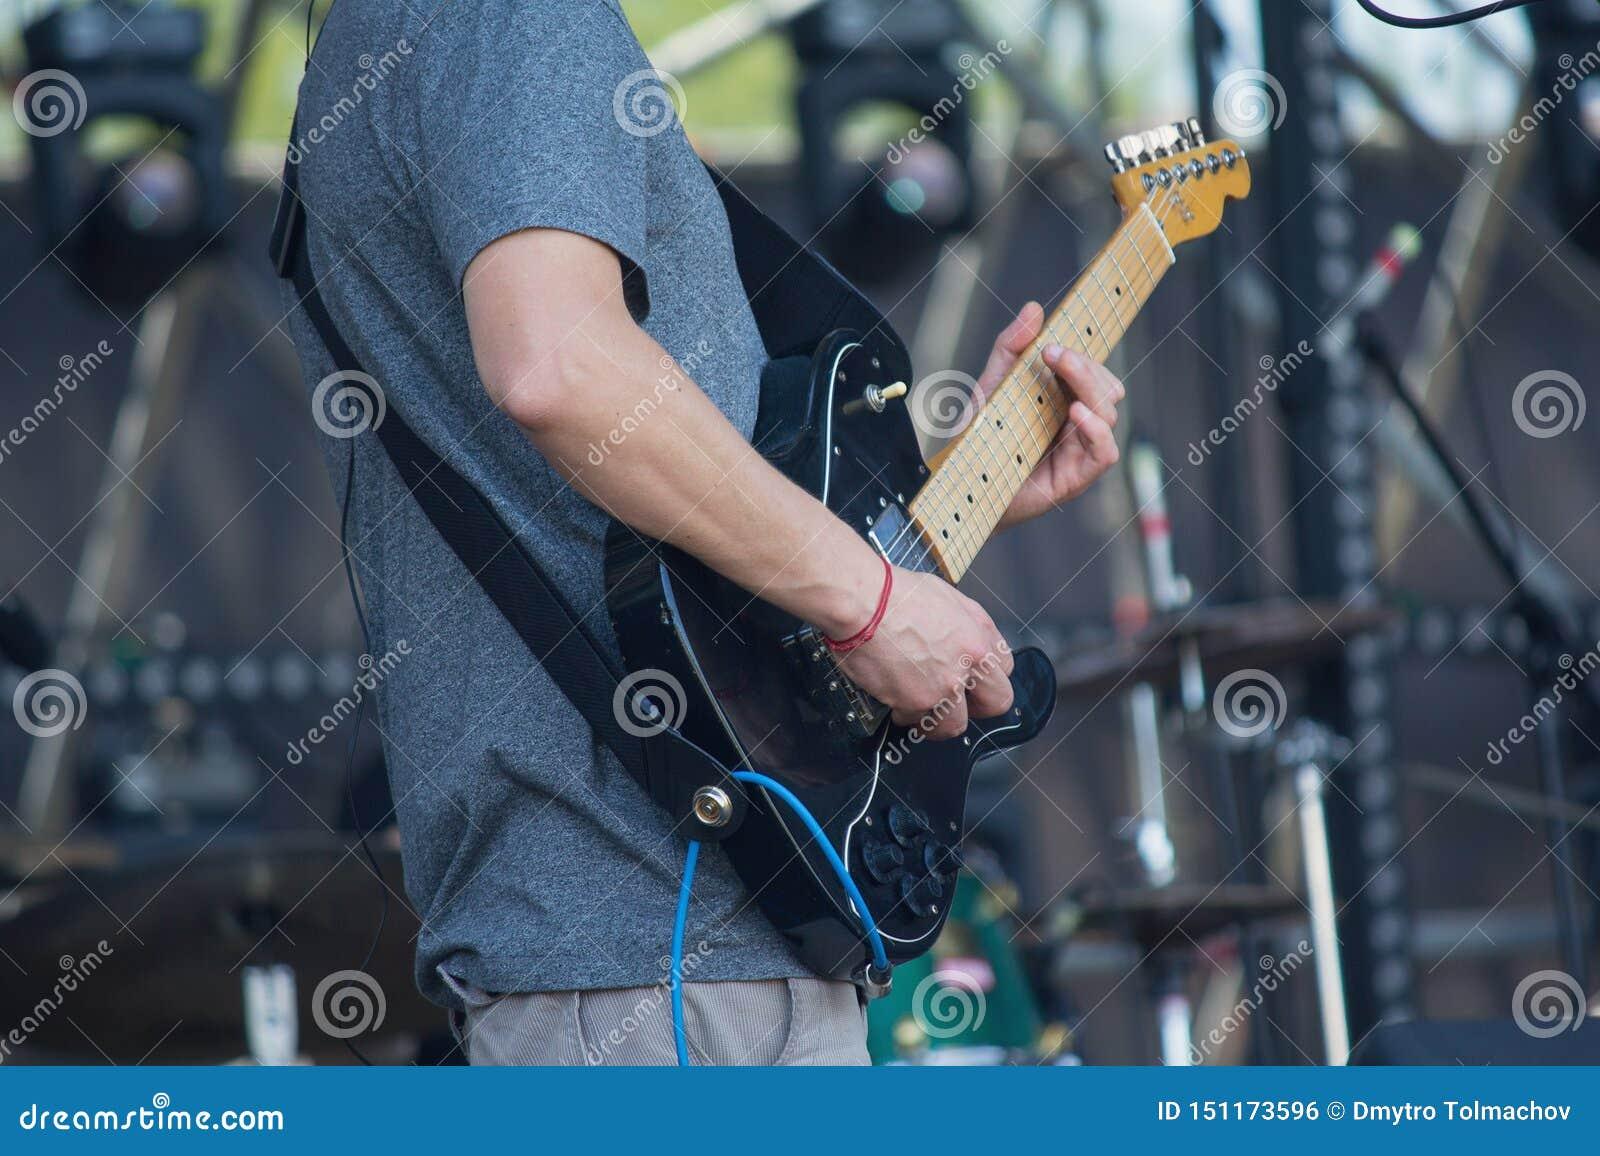 Guitarristas elétricos em executar a fase durante o jogo só